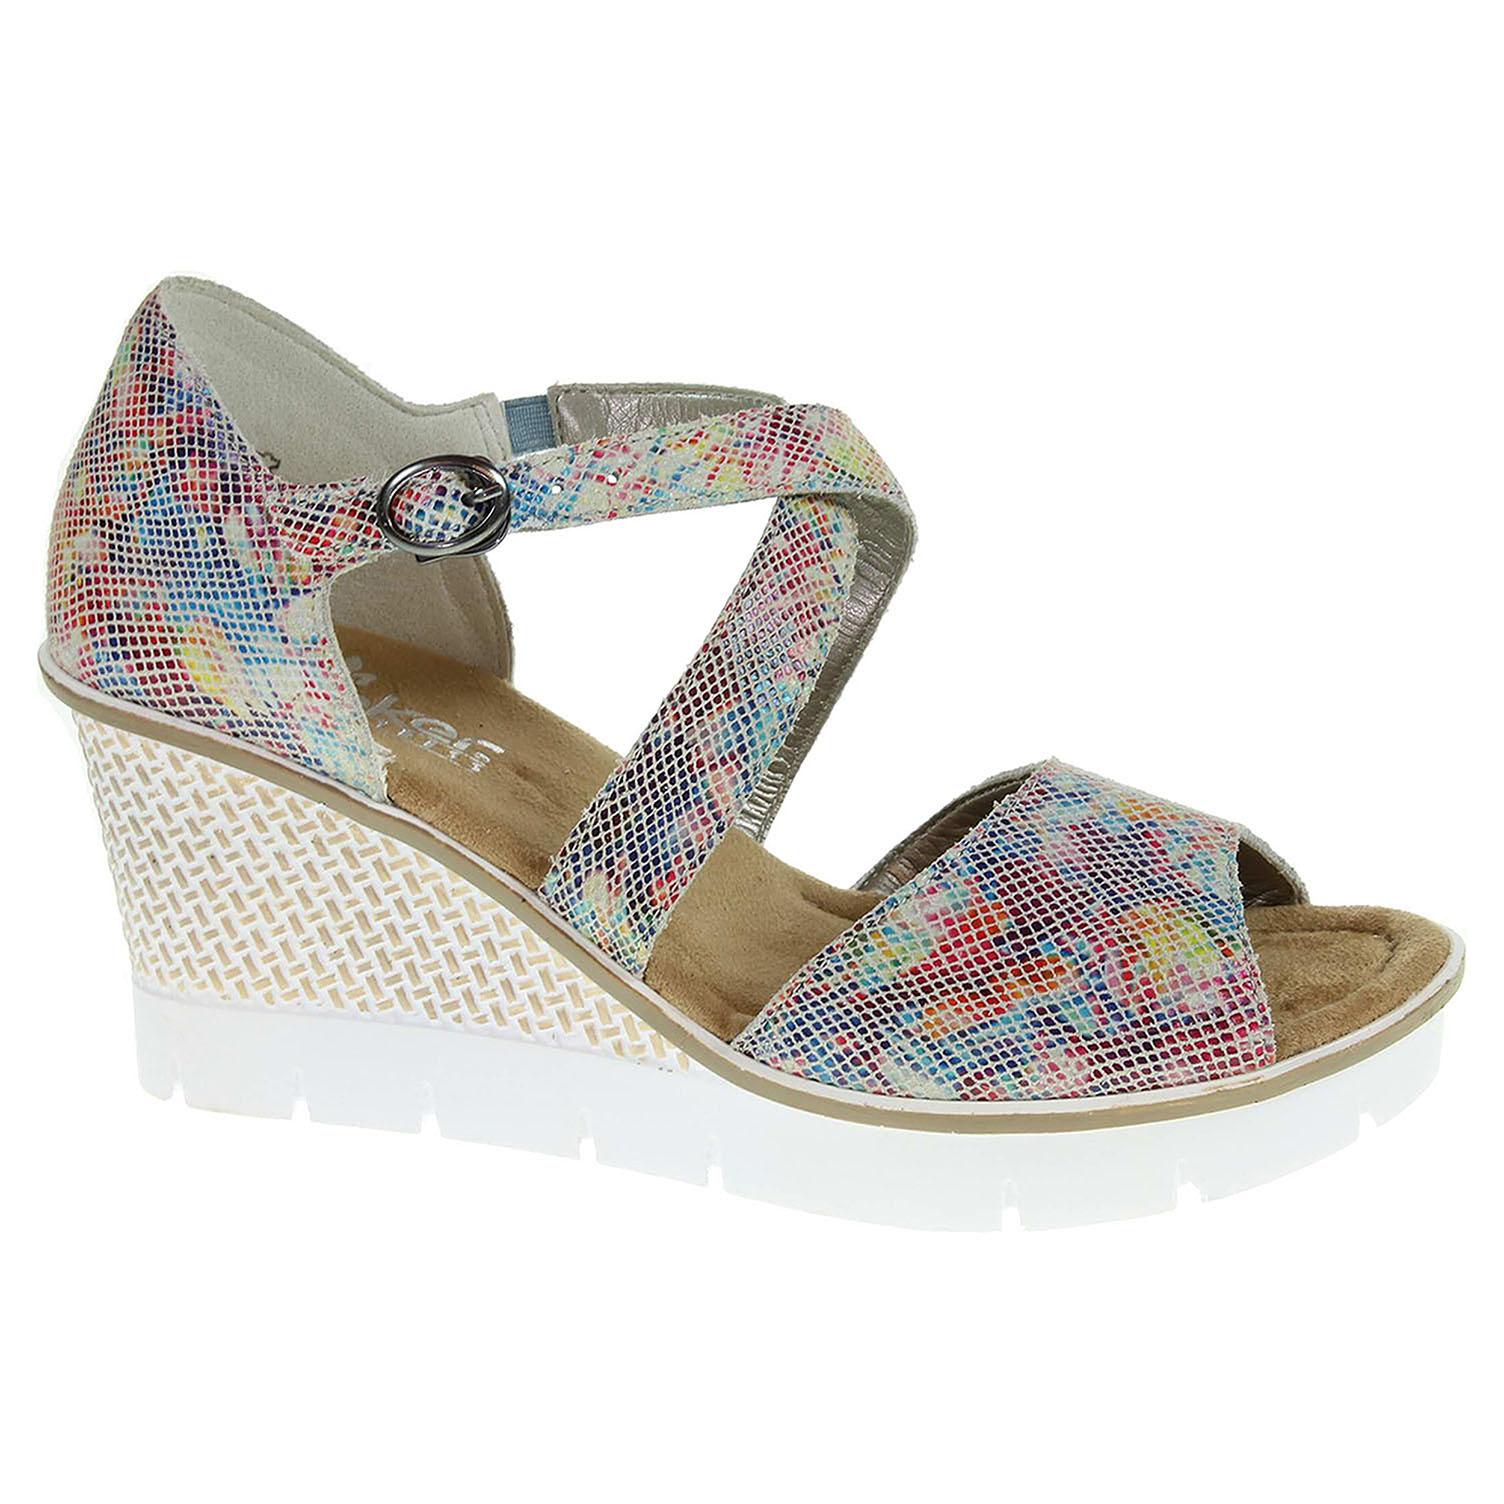 33d45adf1ad85 Dámske sandále Rieker 68548-90 multi | REJNOK obuv